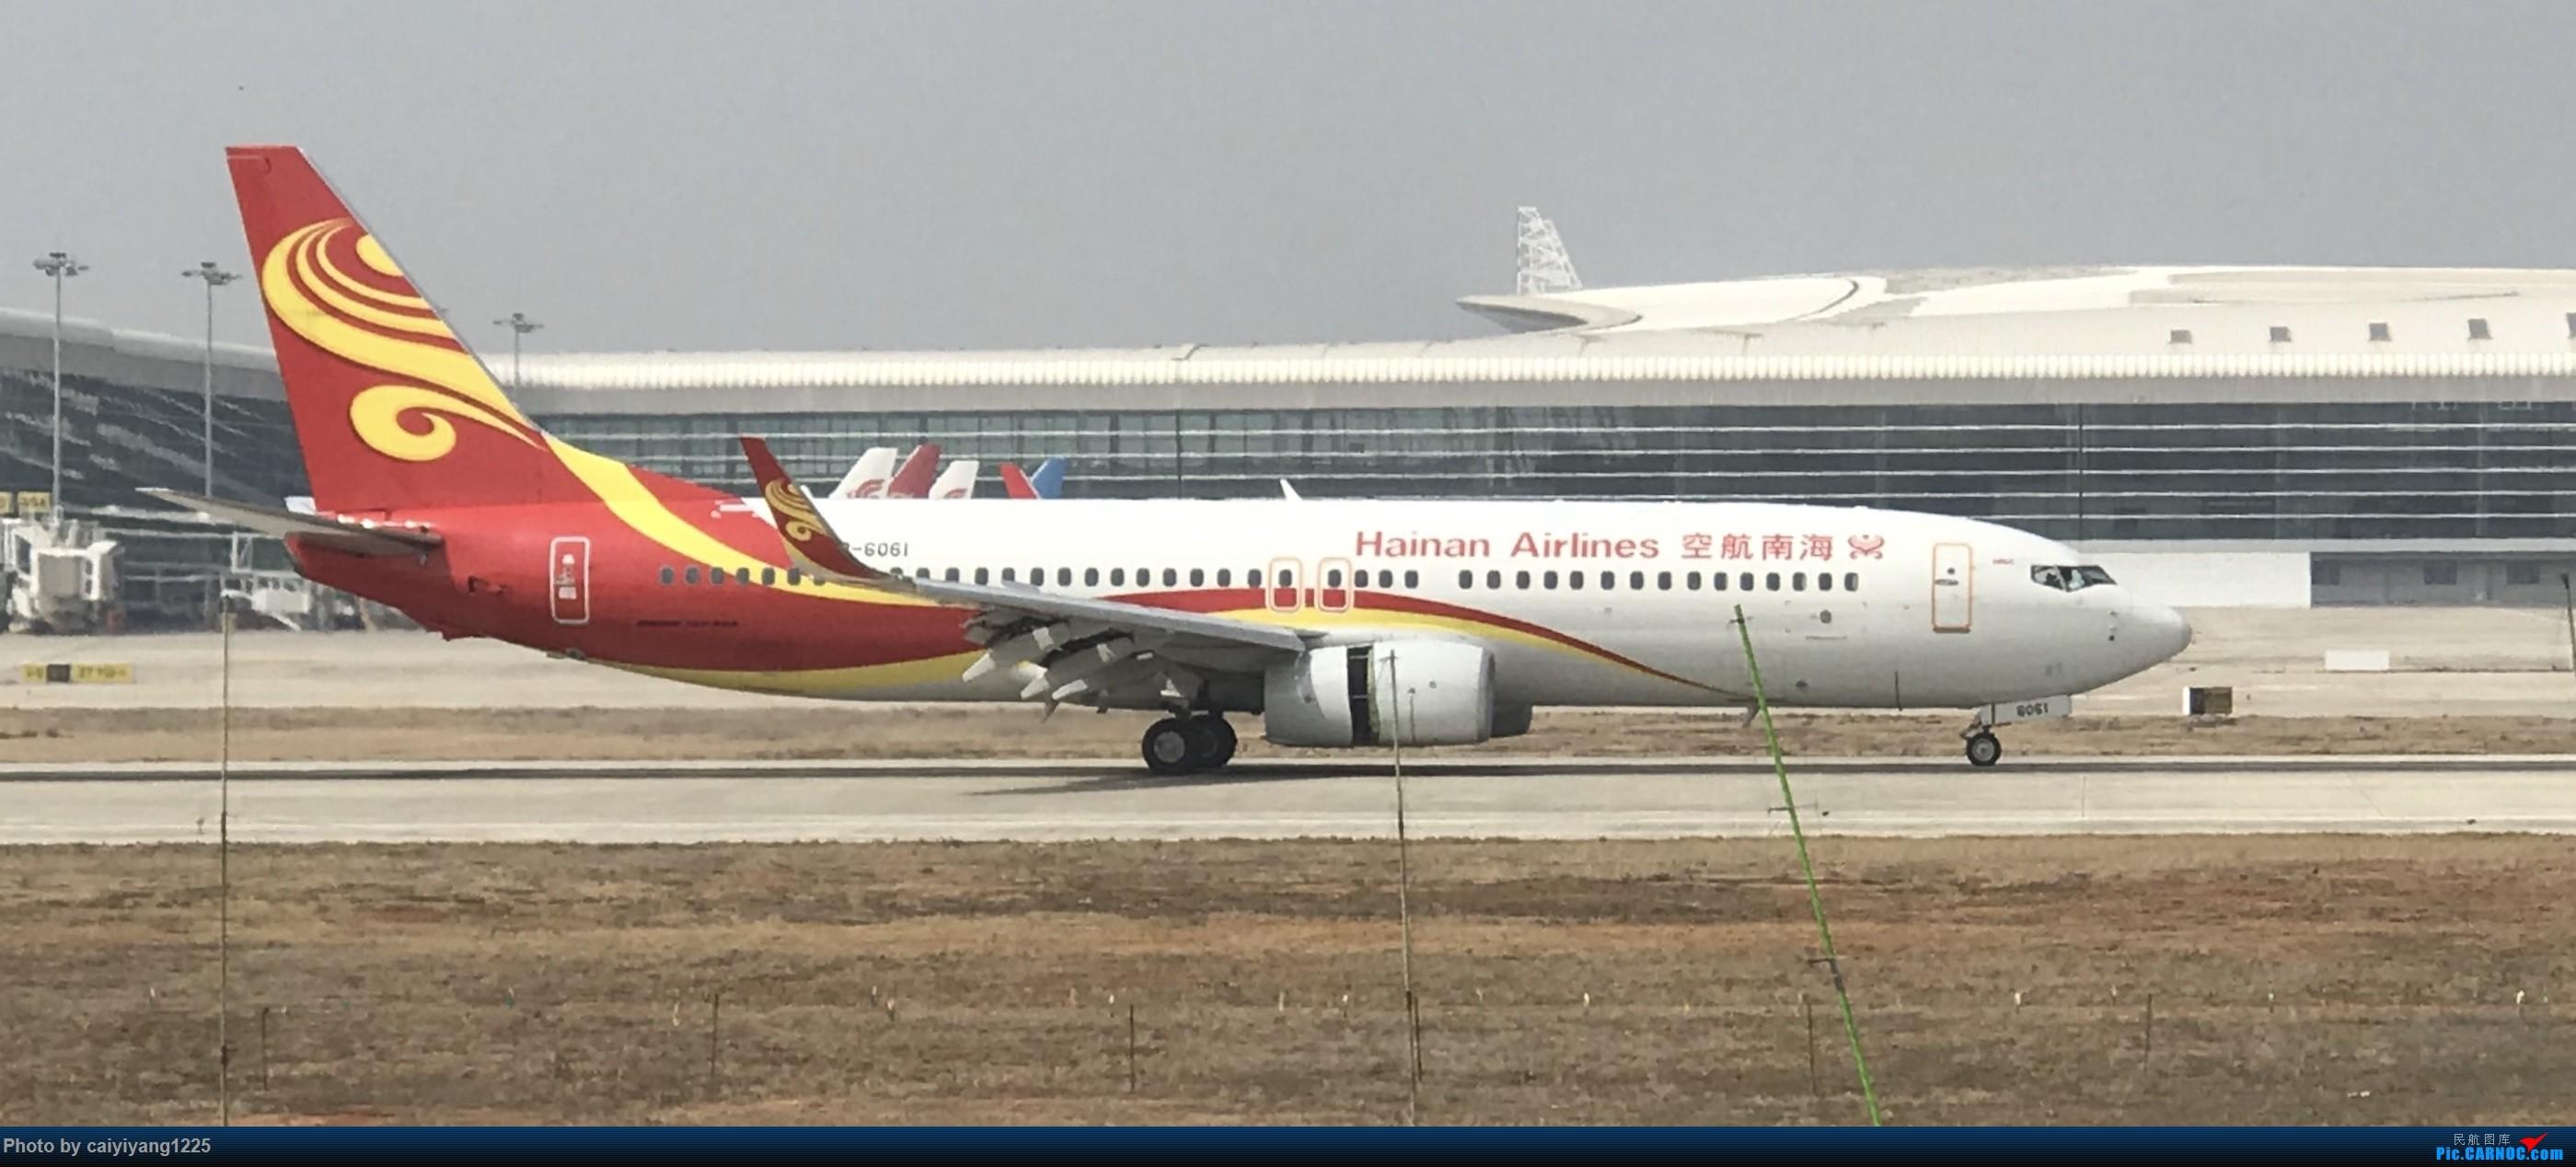 Re:[原创]武汉国庆拍机ps:出门忘带相机 拿手机拍的烂货请见谅! BOEING 737-800 B-6061 武汉天河国际机场